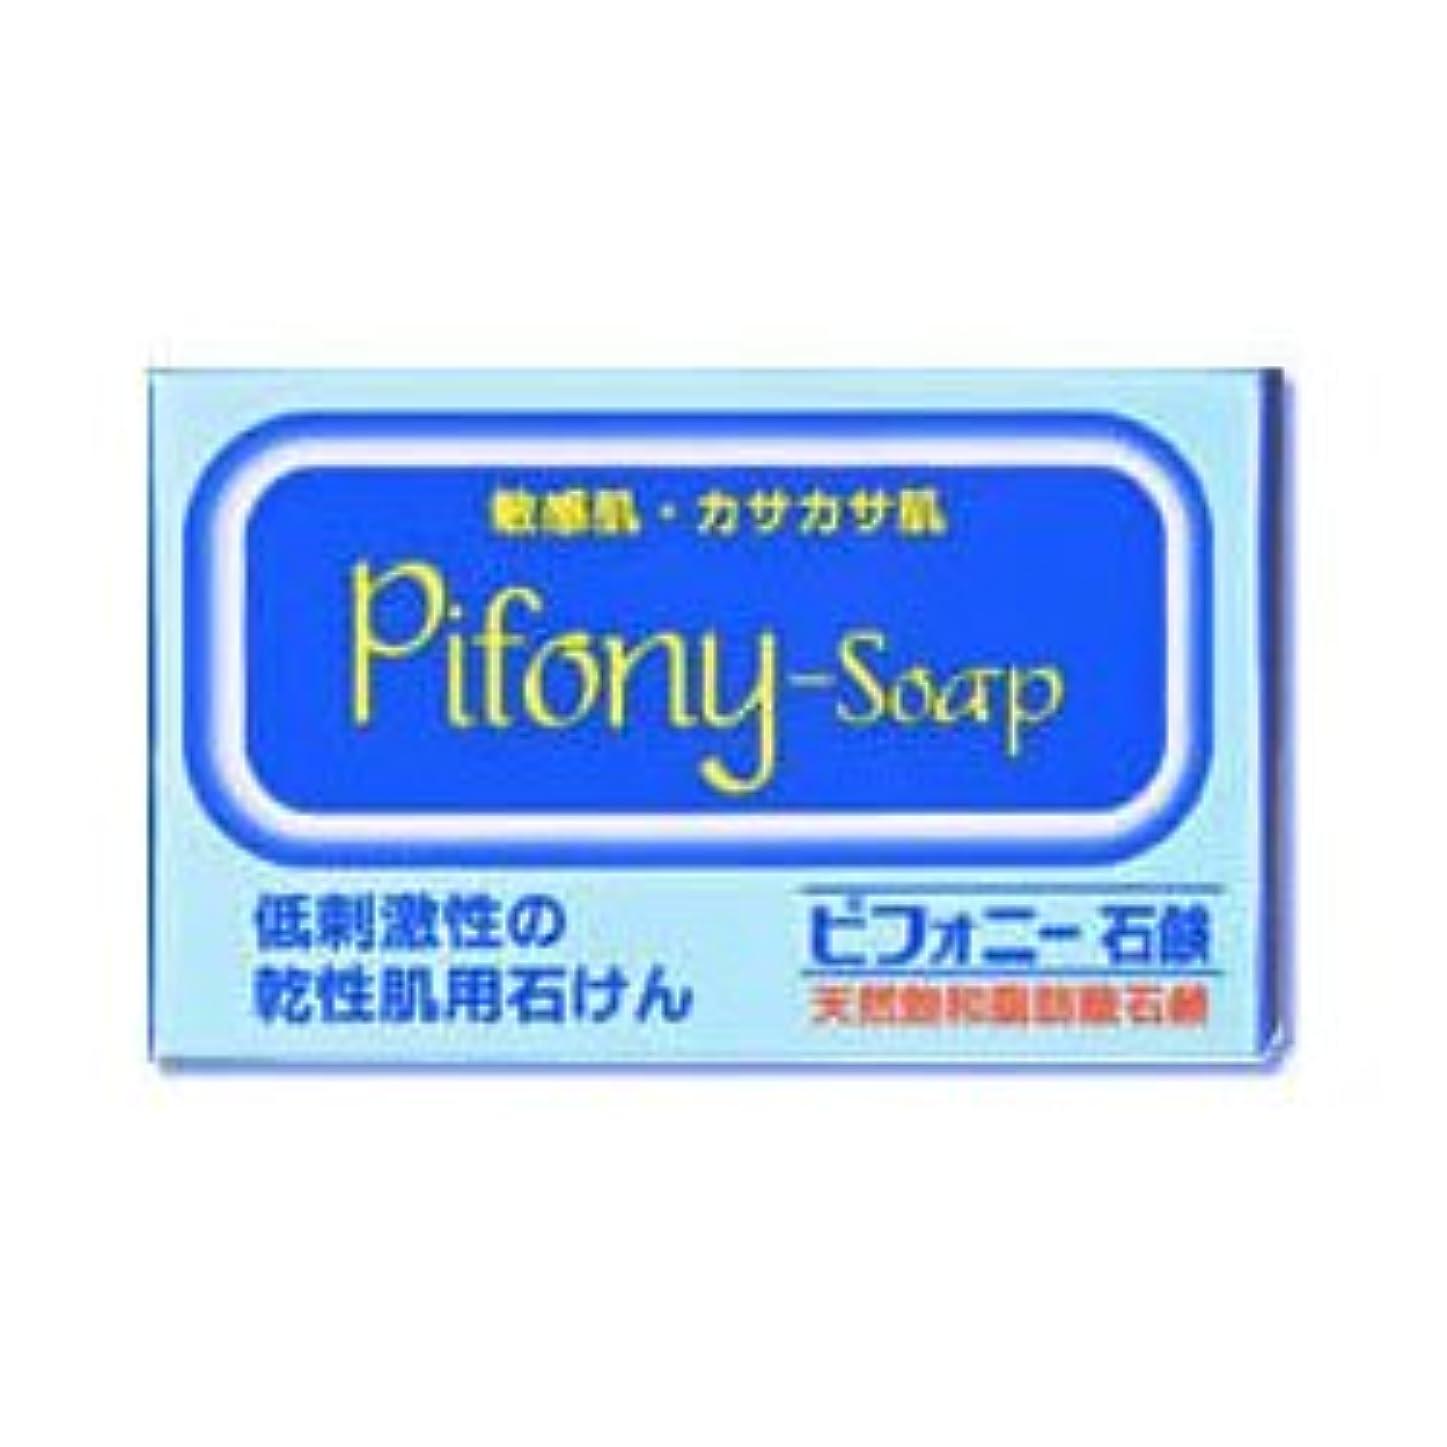 ボックスどちらか大事にする【ノーエチ薬品】ピフォニー石鹸 100g ×3個セット